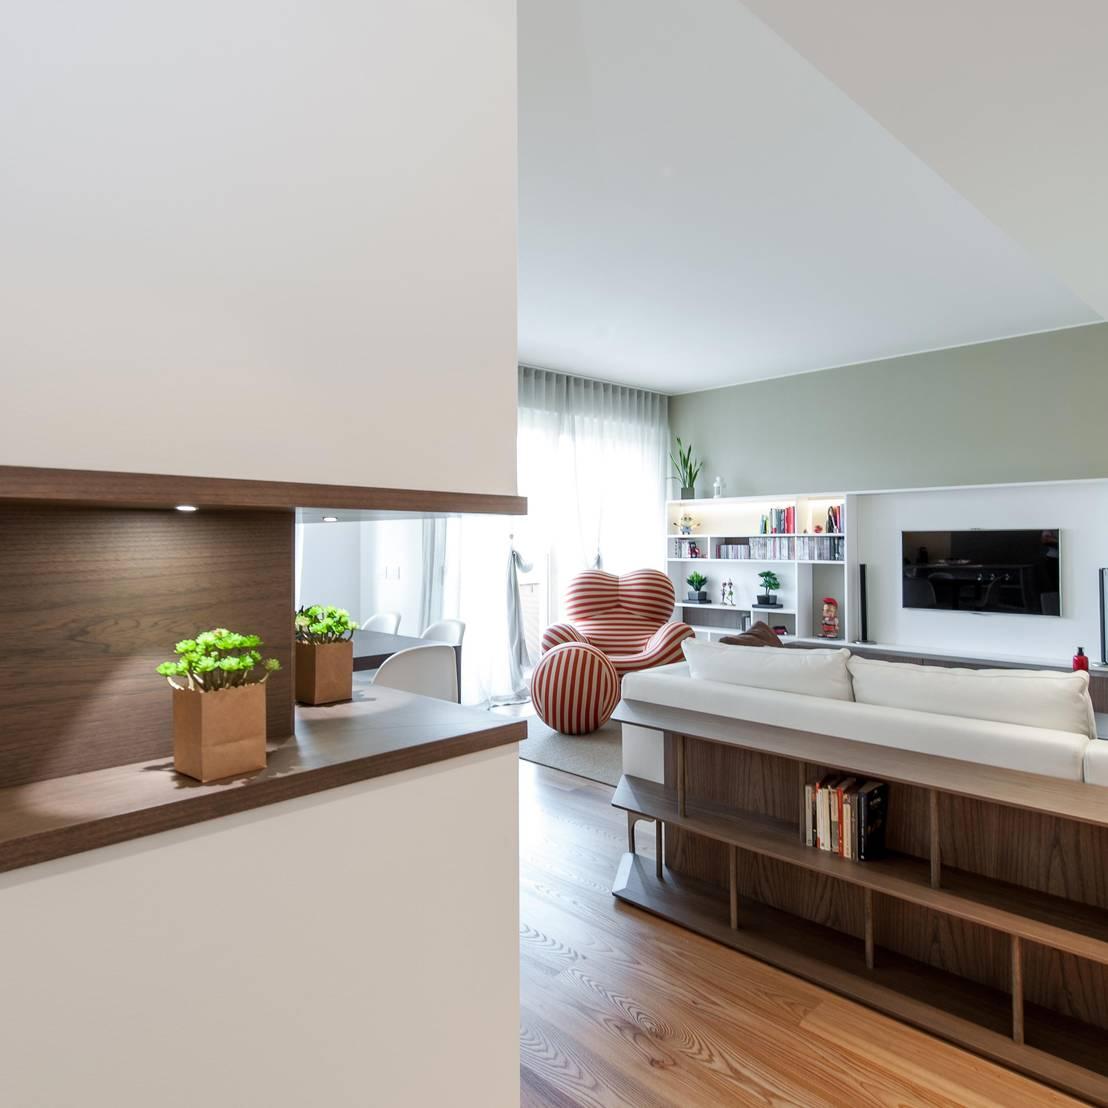 12 idee per arredare un angolo di casa vuoto for Piani di casa in stile isolano